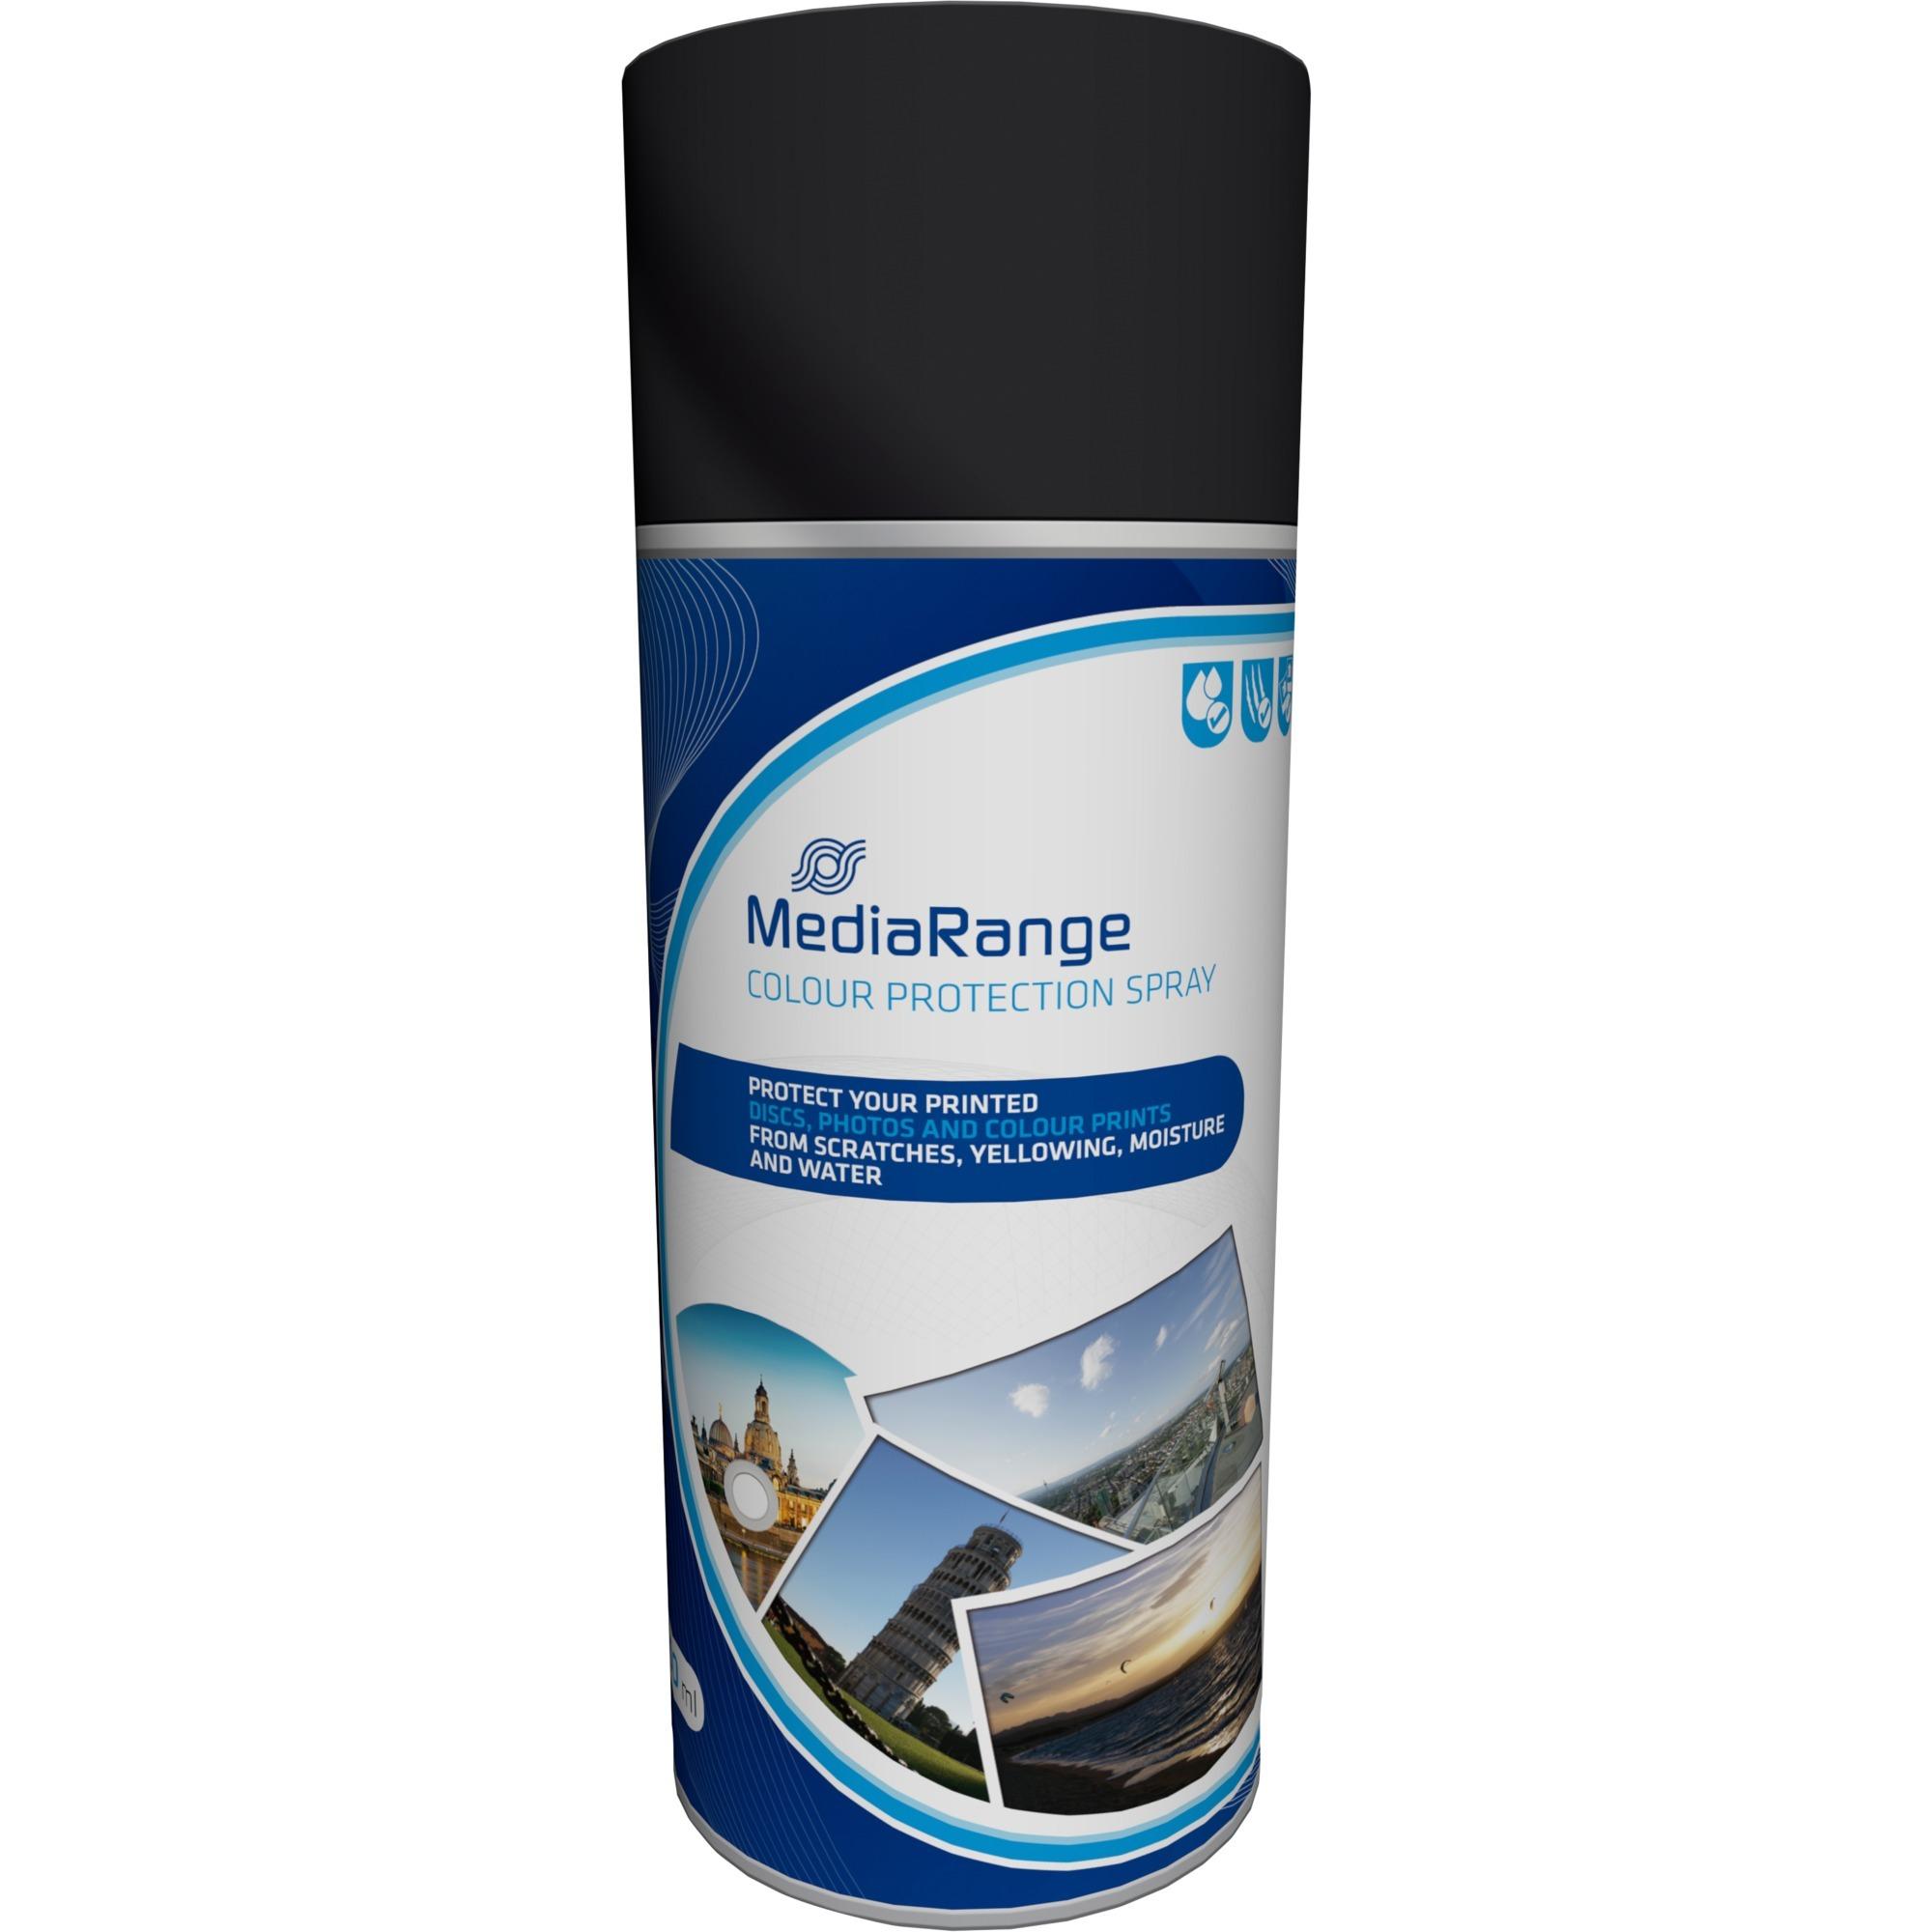 colour-protection-spray-media-range-optiske-medier-tilbehor